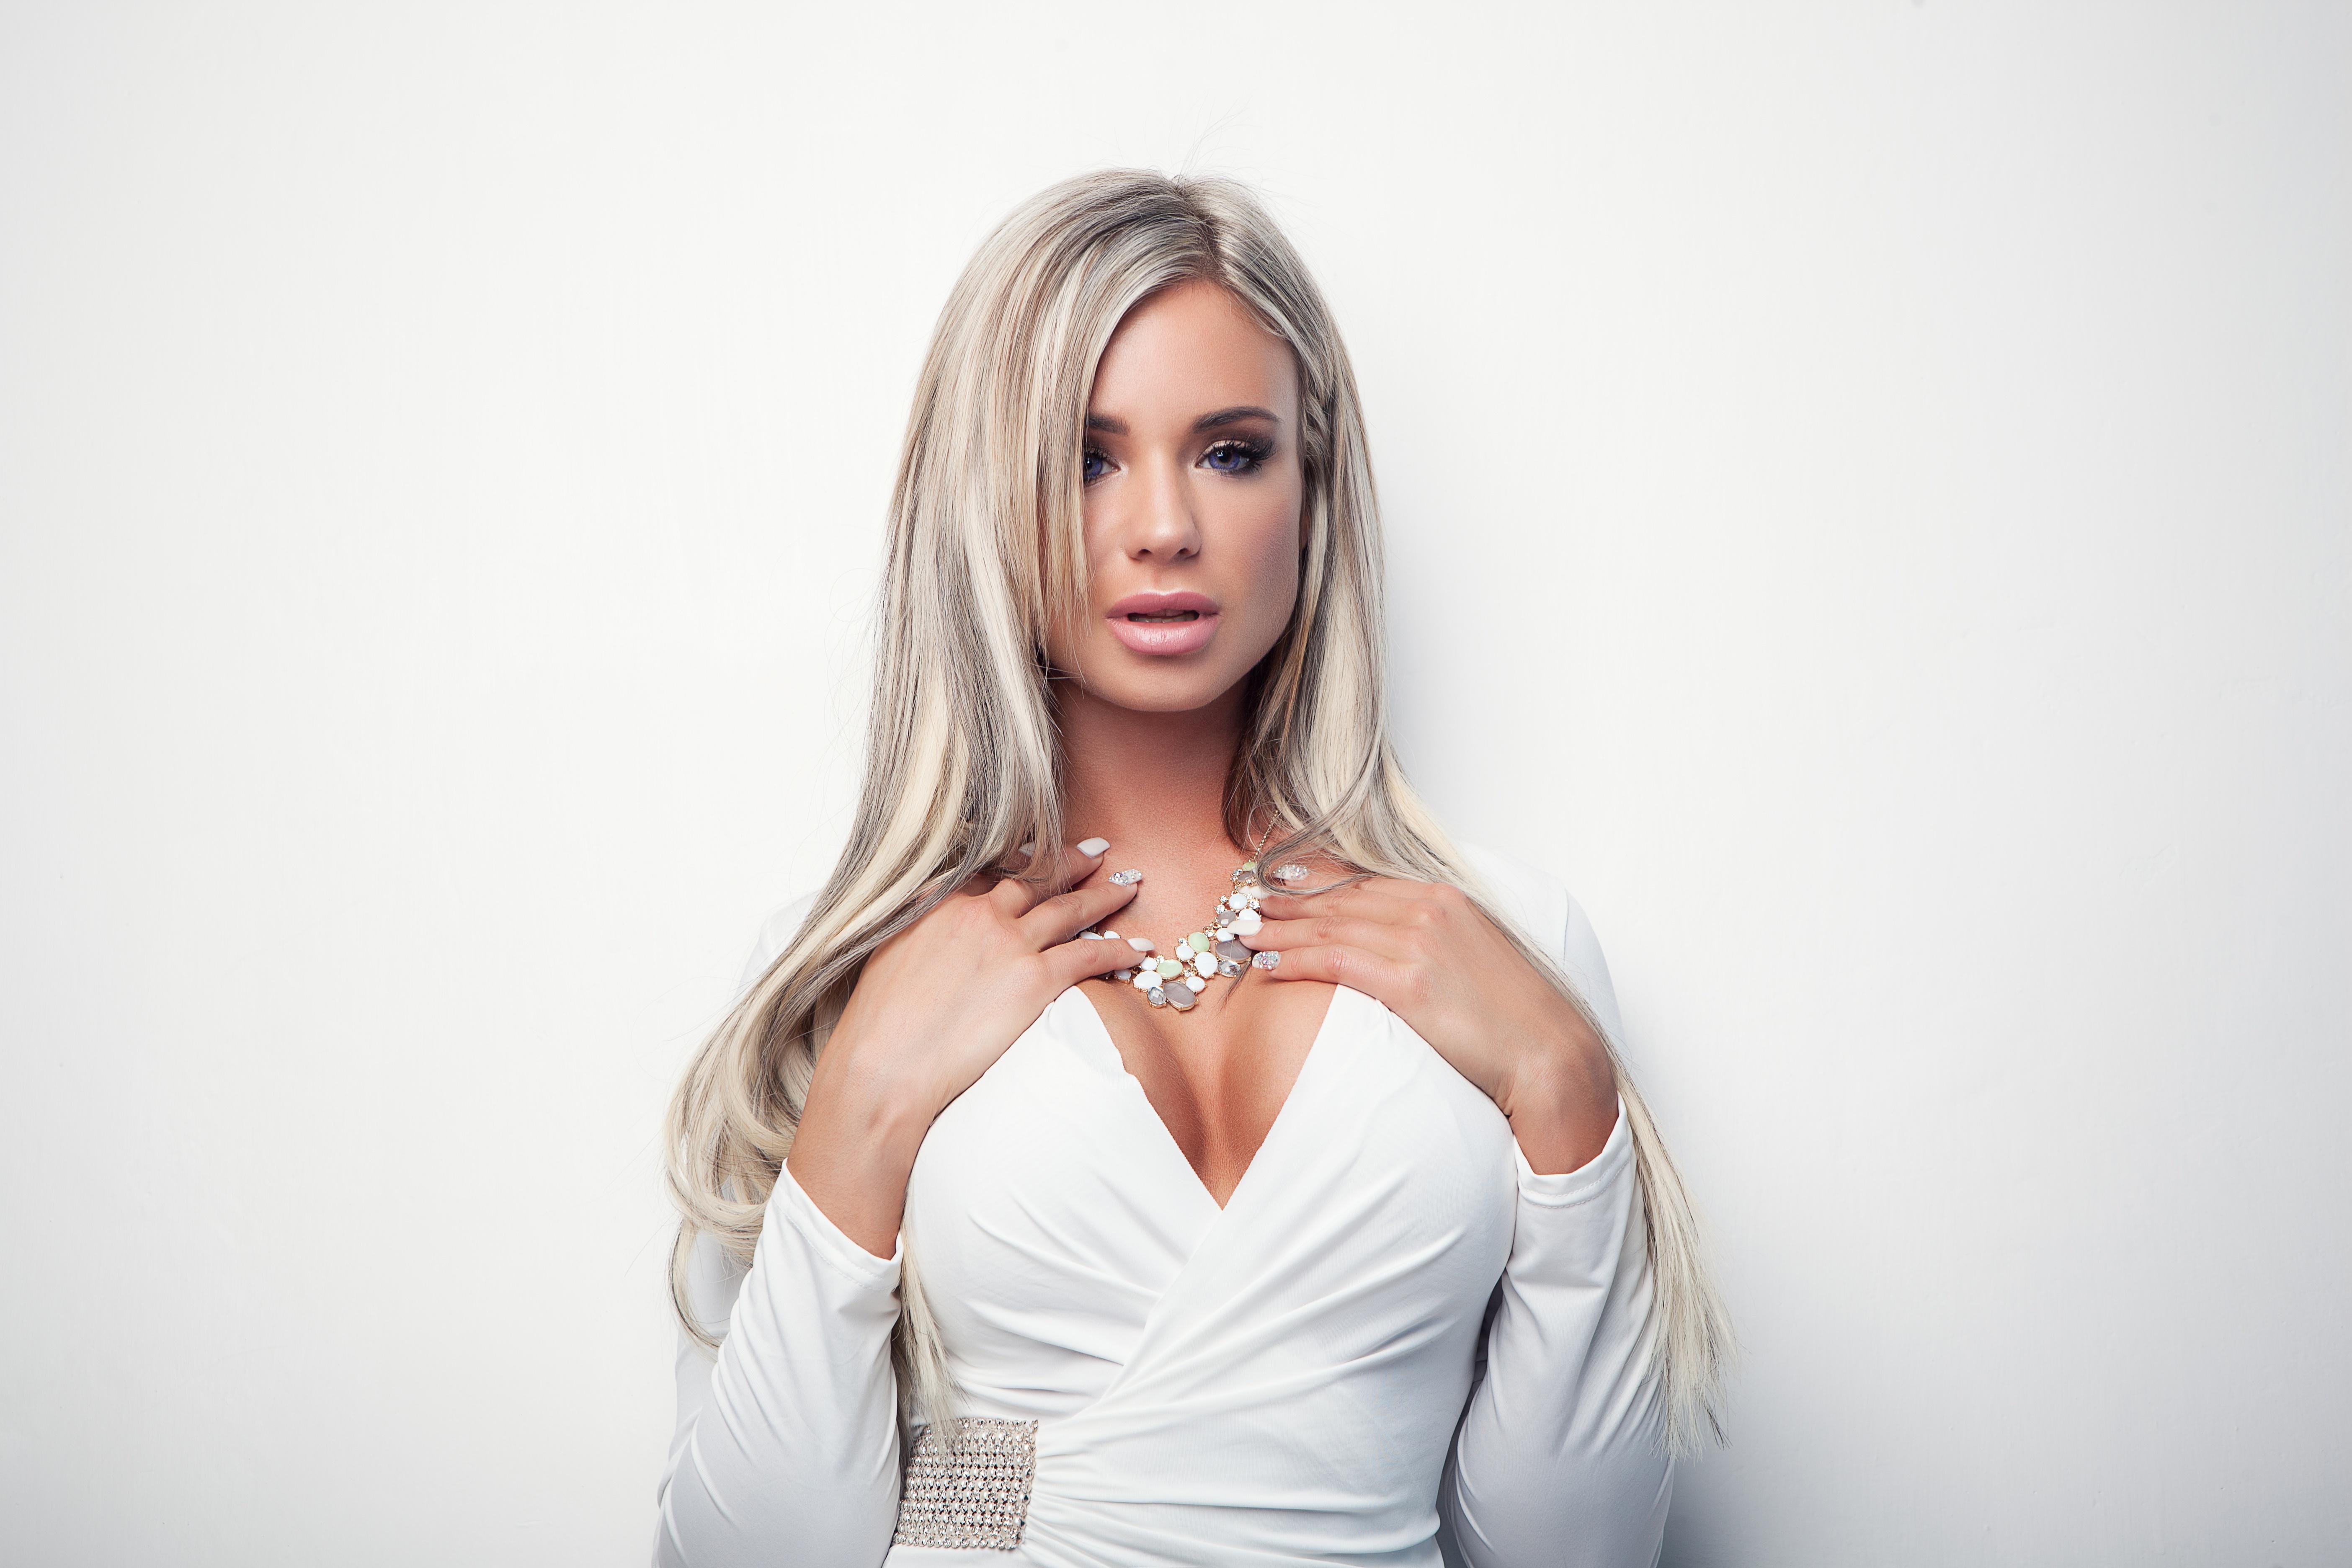 Bilder von Ashley Bulgari Blondine dekolletee Weiß junge frau Hand Starren Grauer Hintergrund Kleid Blond Mädchen Dekolleté Mädchens junge Frauen Blick